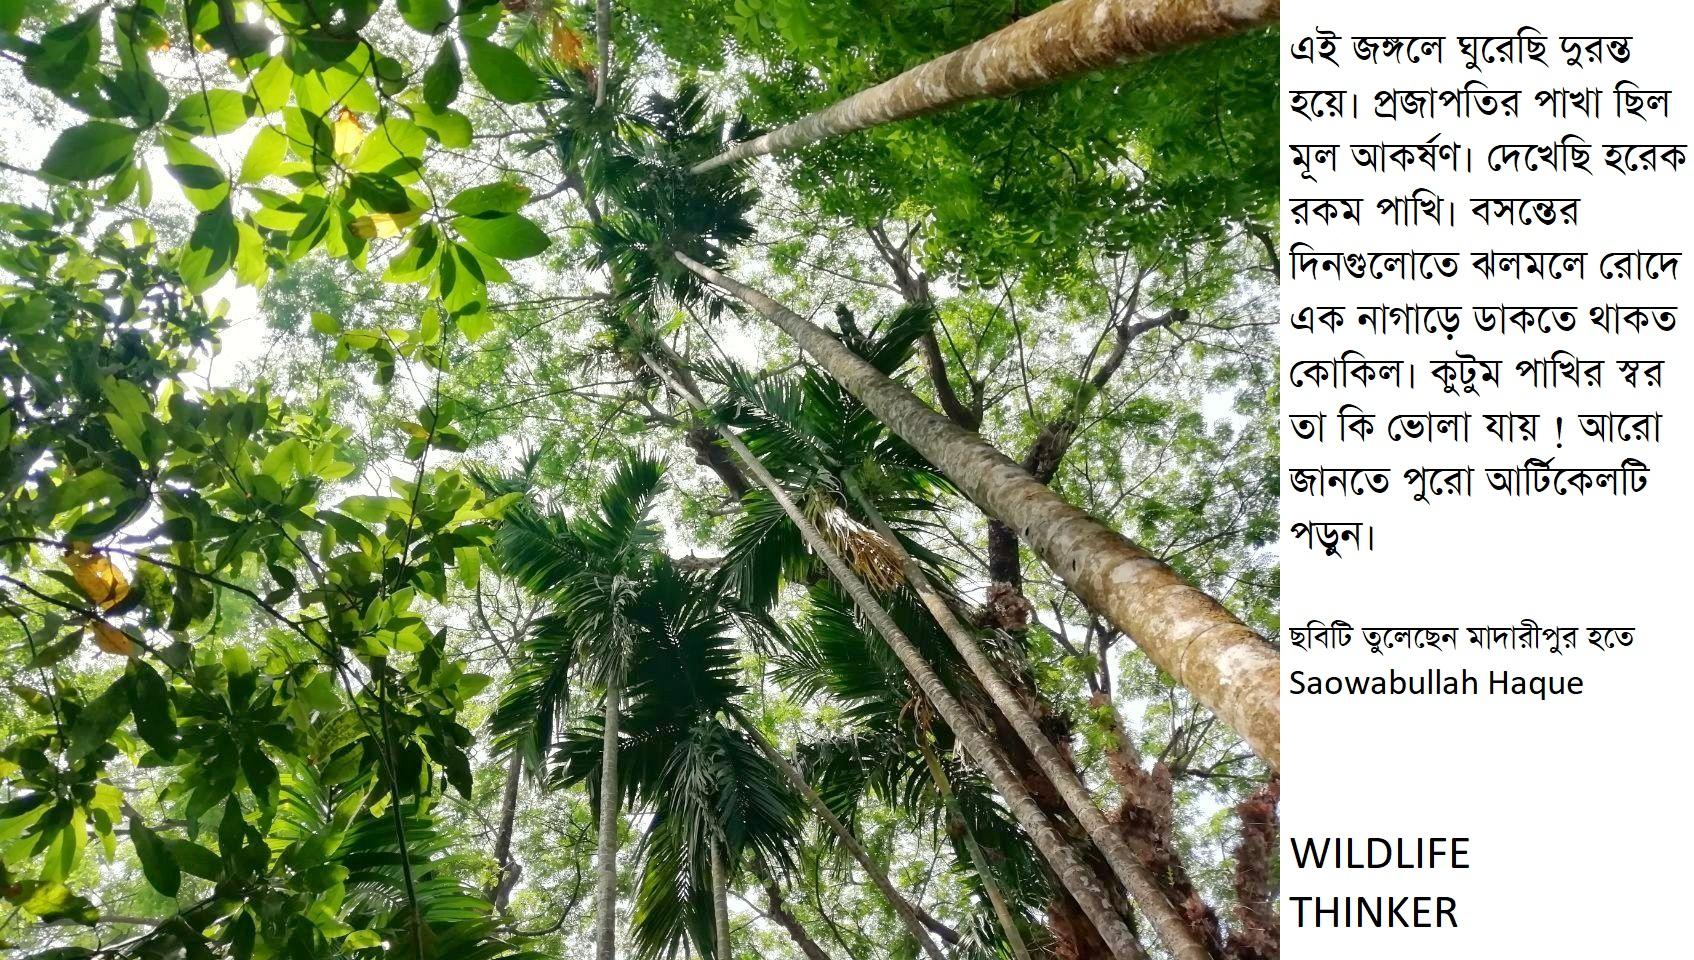 ছেলেবেলার জীব বৈচিত্র্য বনাম এবেলার জীব বৈচিত্র্য – দ্বিতীয় এবং শেষ পর্ব